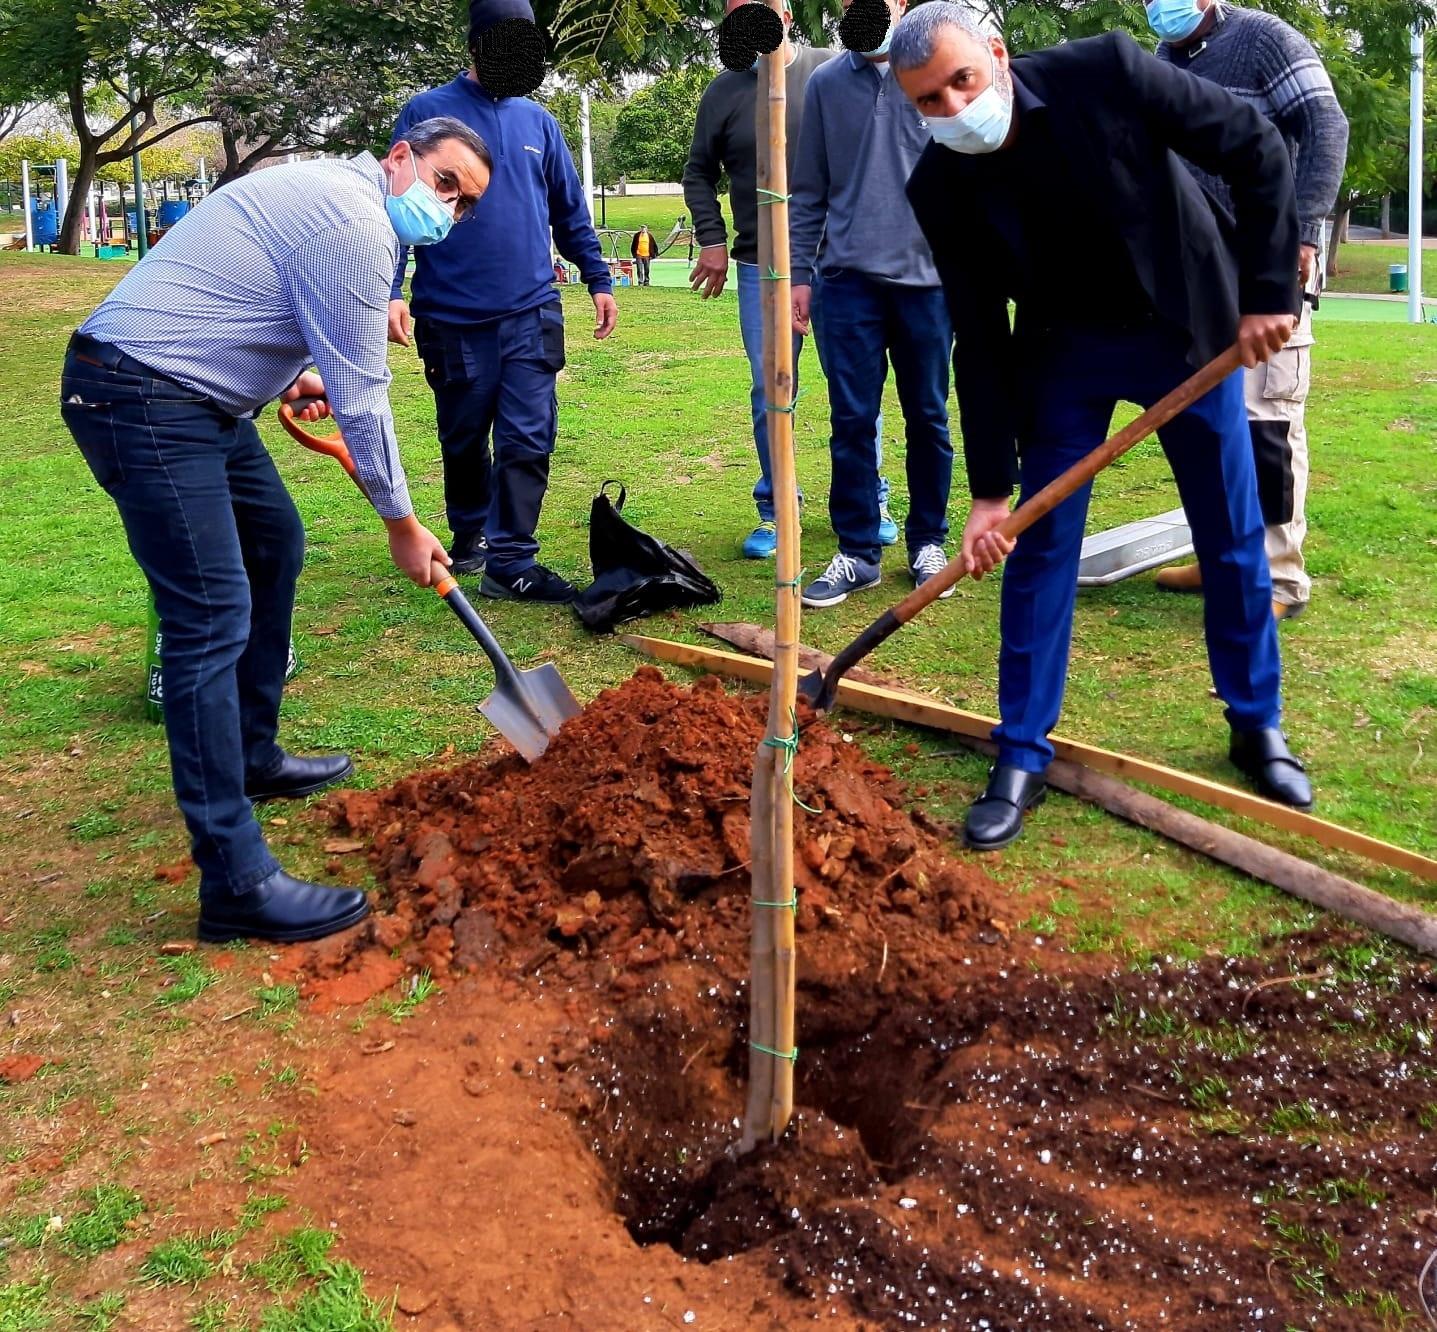 """ראש העיר רפי סער וסגנו דני הרוש, נטעו עצים לכבוד ט""""ו בשבט, יחד עם עמותת """"שכולו טוב"""", המועסקים בפארק העירוני"""